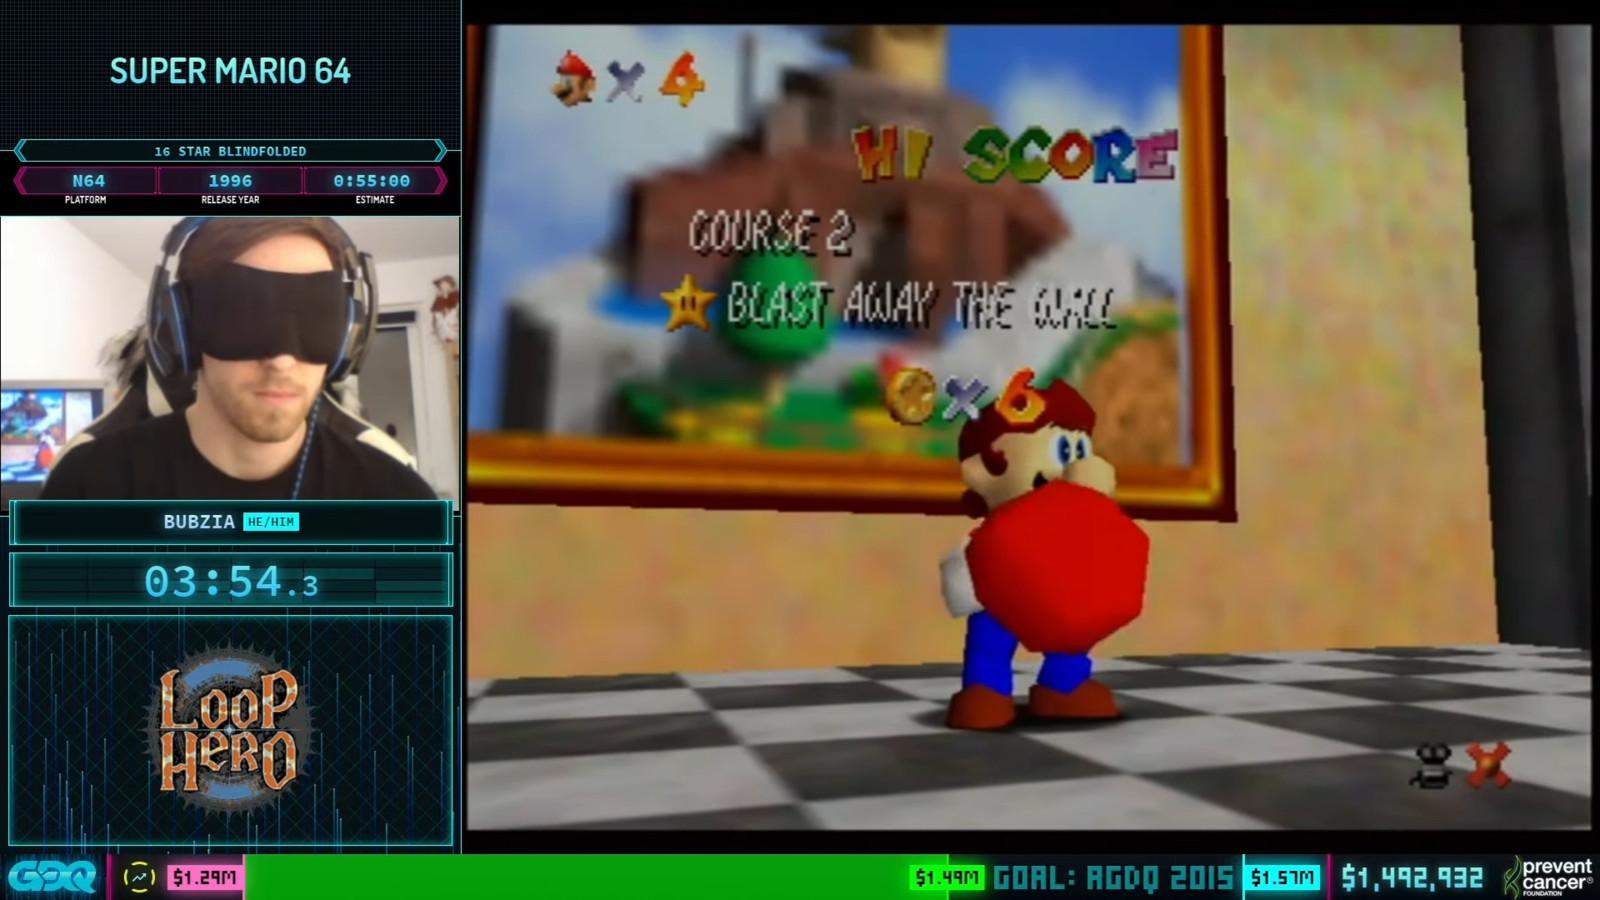 Tijdens Awesome Games Done Quick werd in zeven dagen ruim 2,7 miljoen dollar ingezameld in de strijd tegen kanker. Speedrunner Bubzia speelde geblinddoekt de game Super Mario 64 uit.